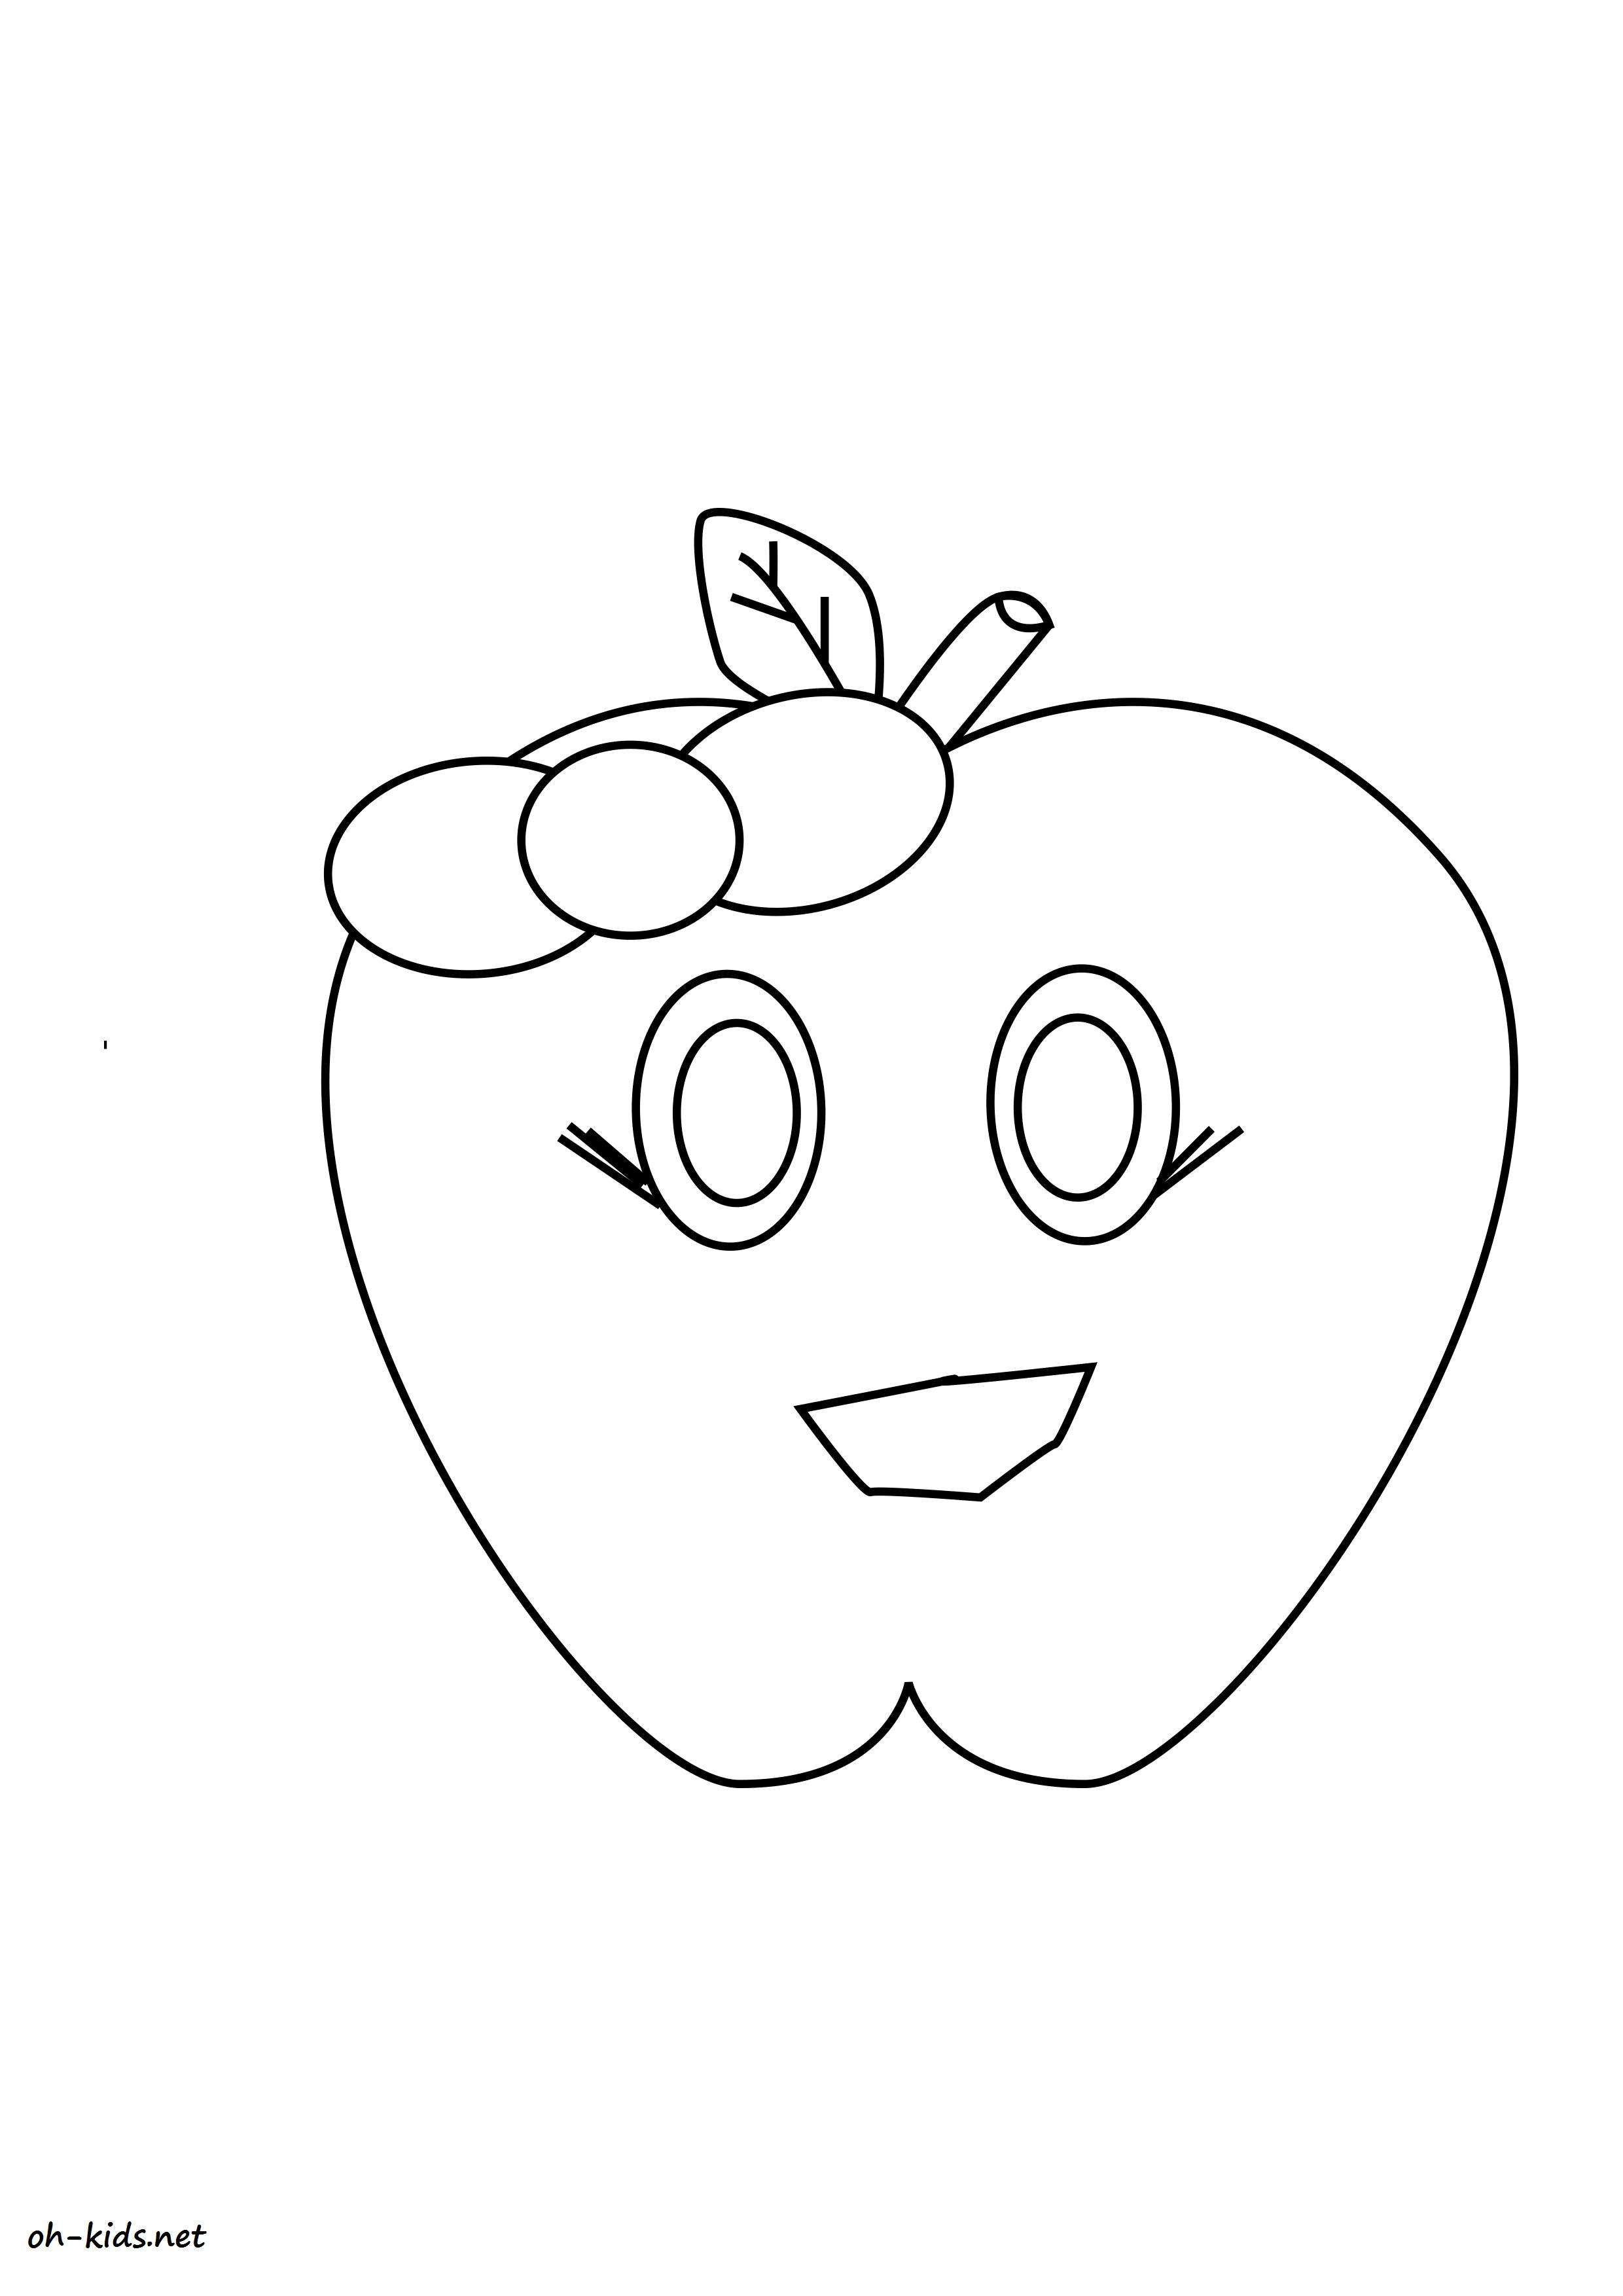 coloriage pomme gratuit a imprimer - Dessin #1151